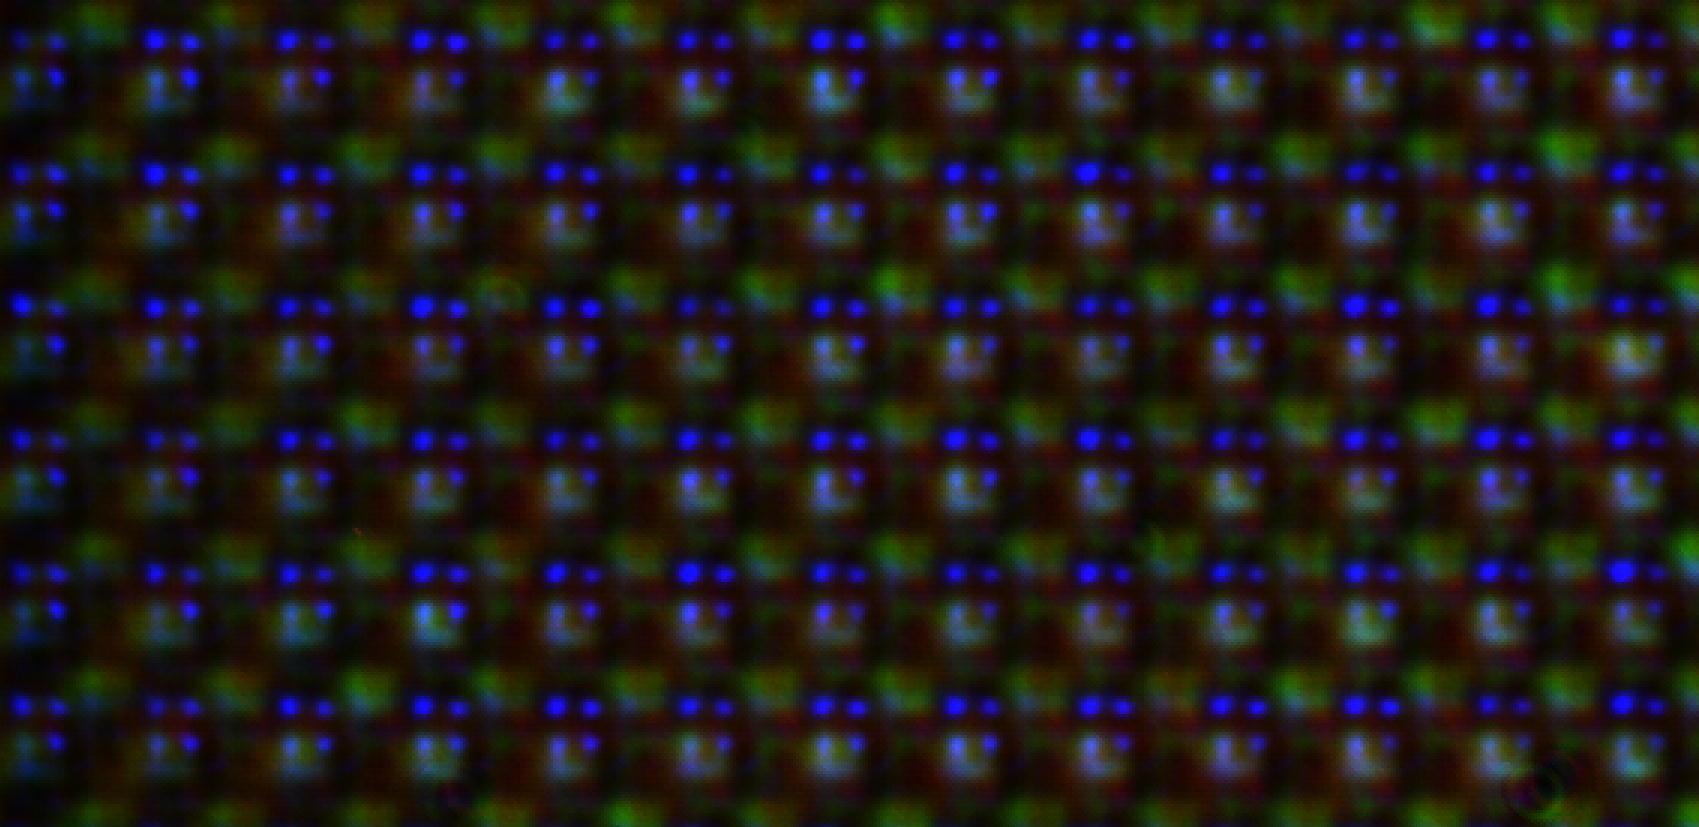 ASI294MCのベイヤー構造判明か?_f0346040_07040596.jpg